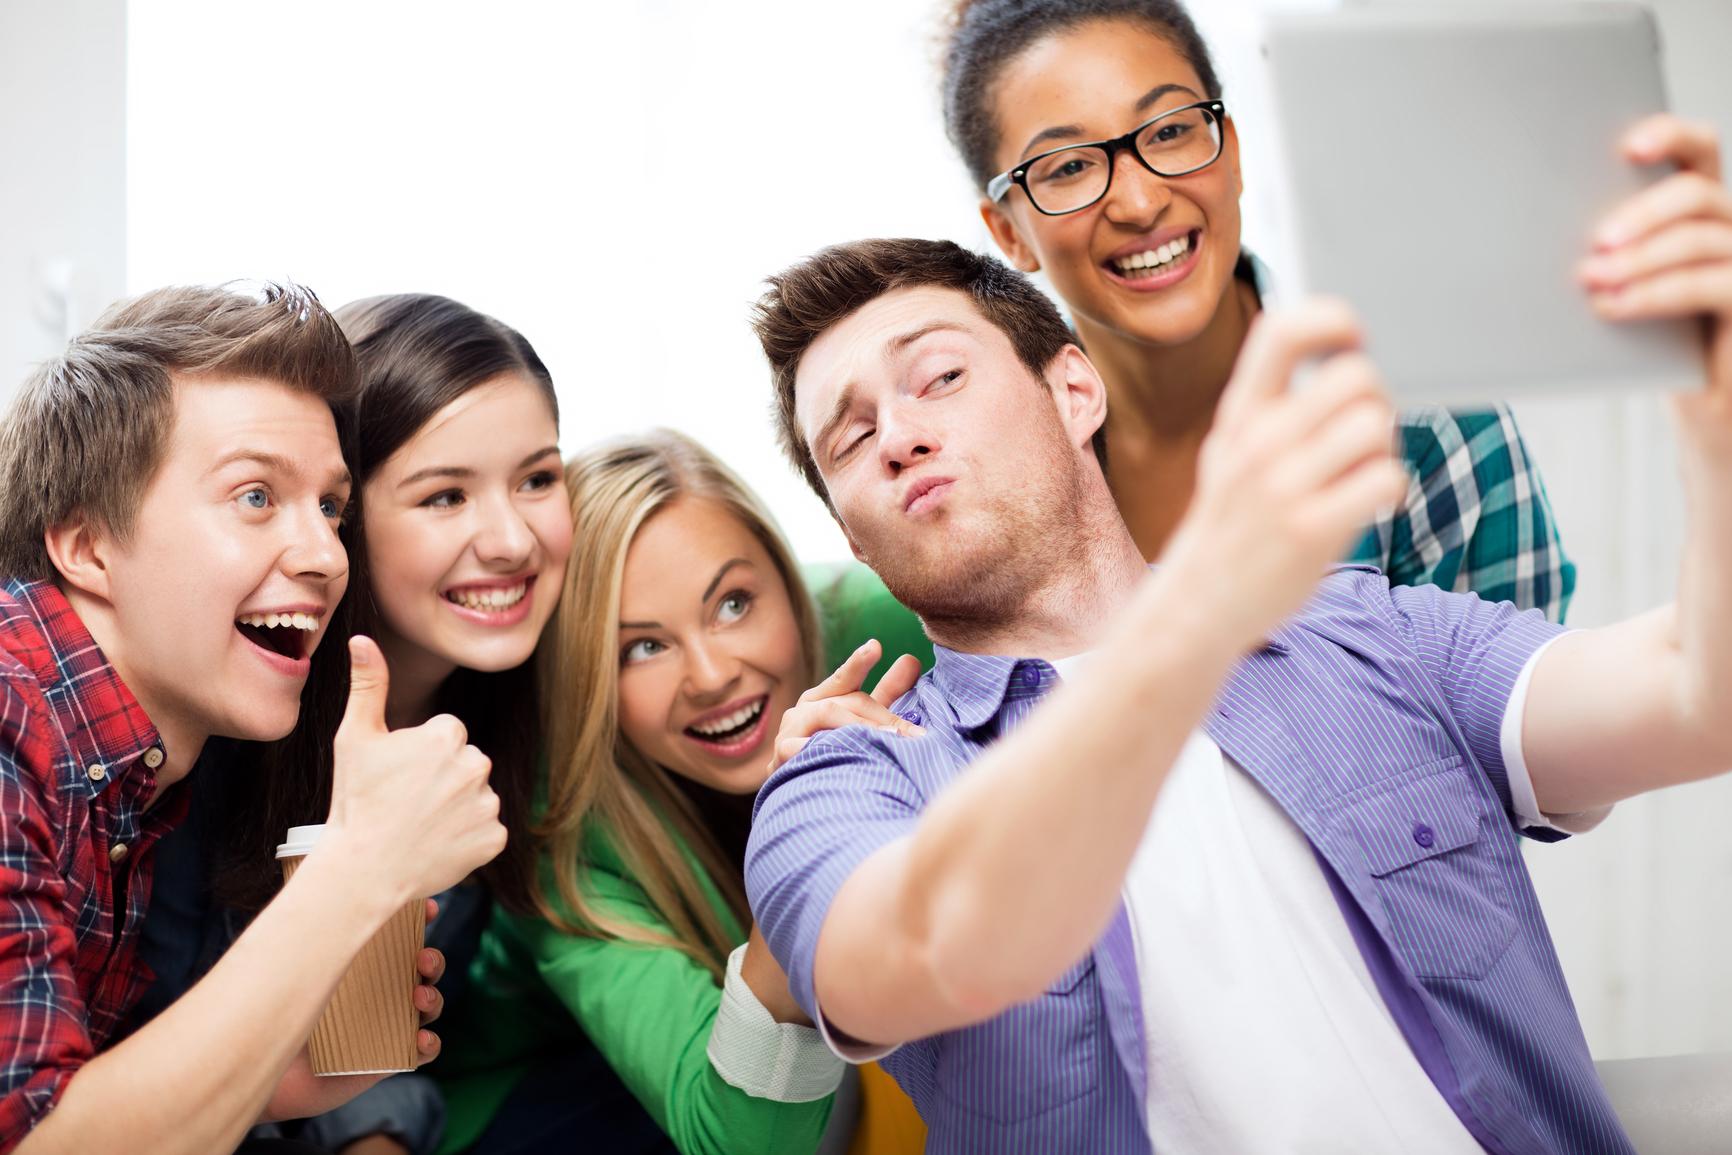 Студенты фотографии посмотреть бесплатно 12 фотография